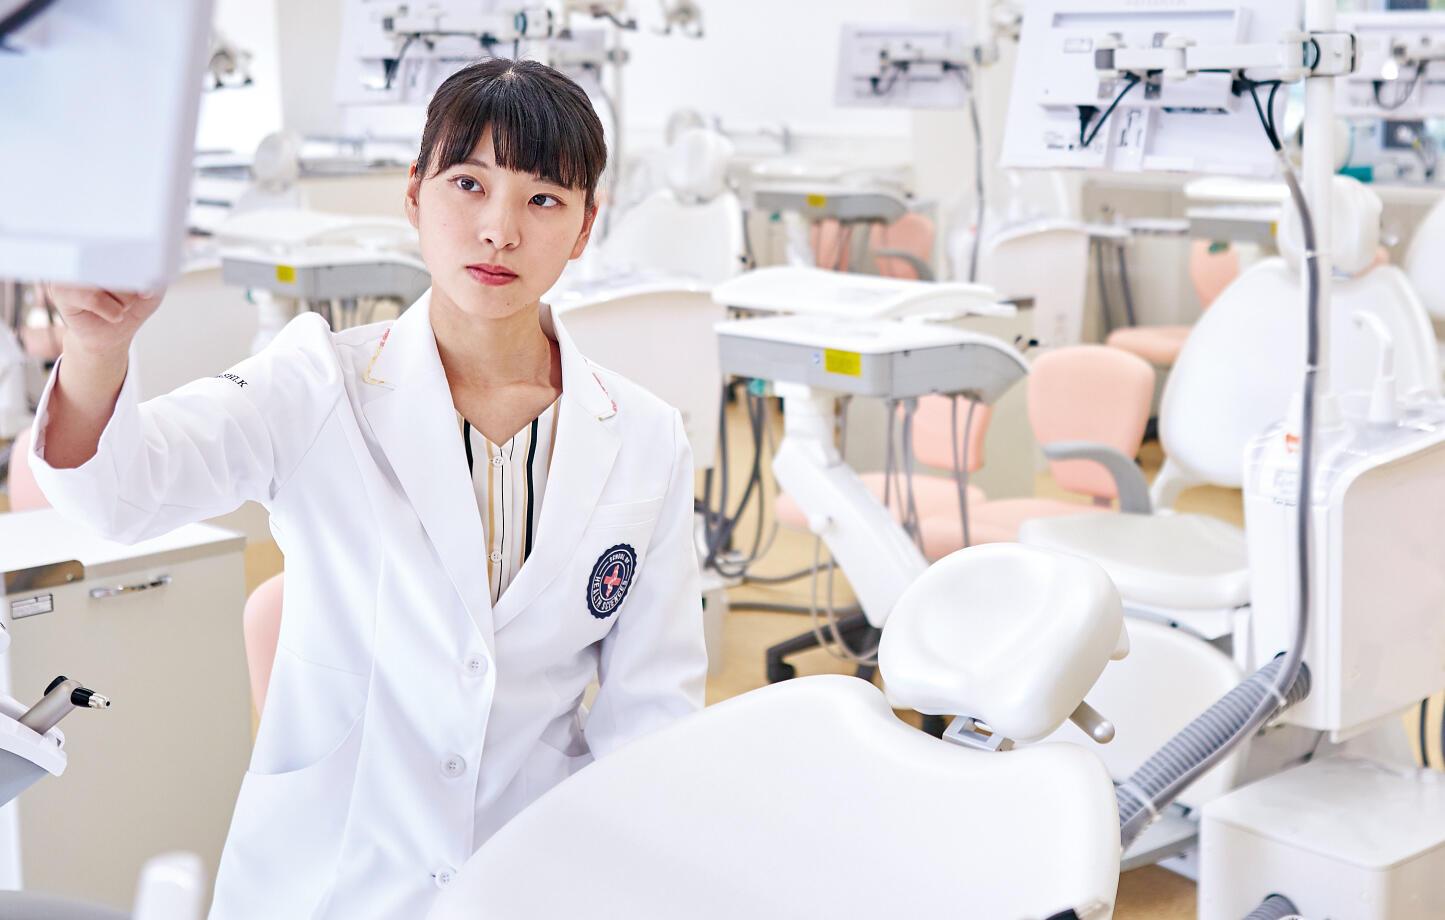 大学 医療 東京 職 保健 専門